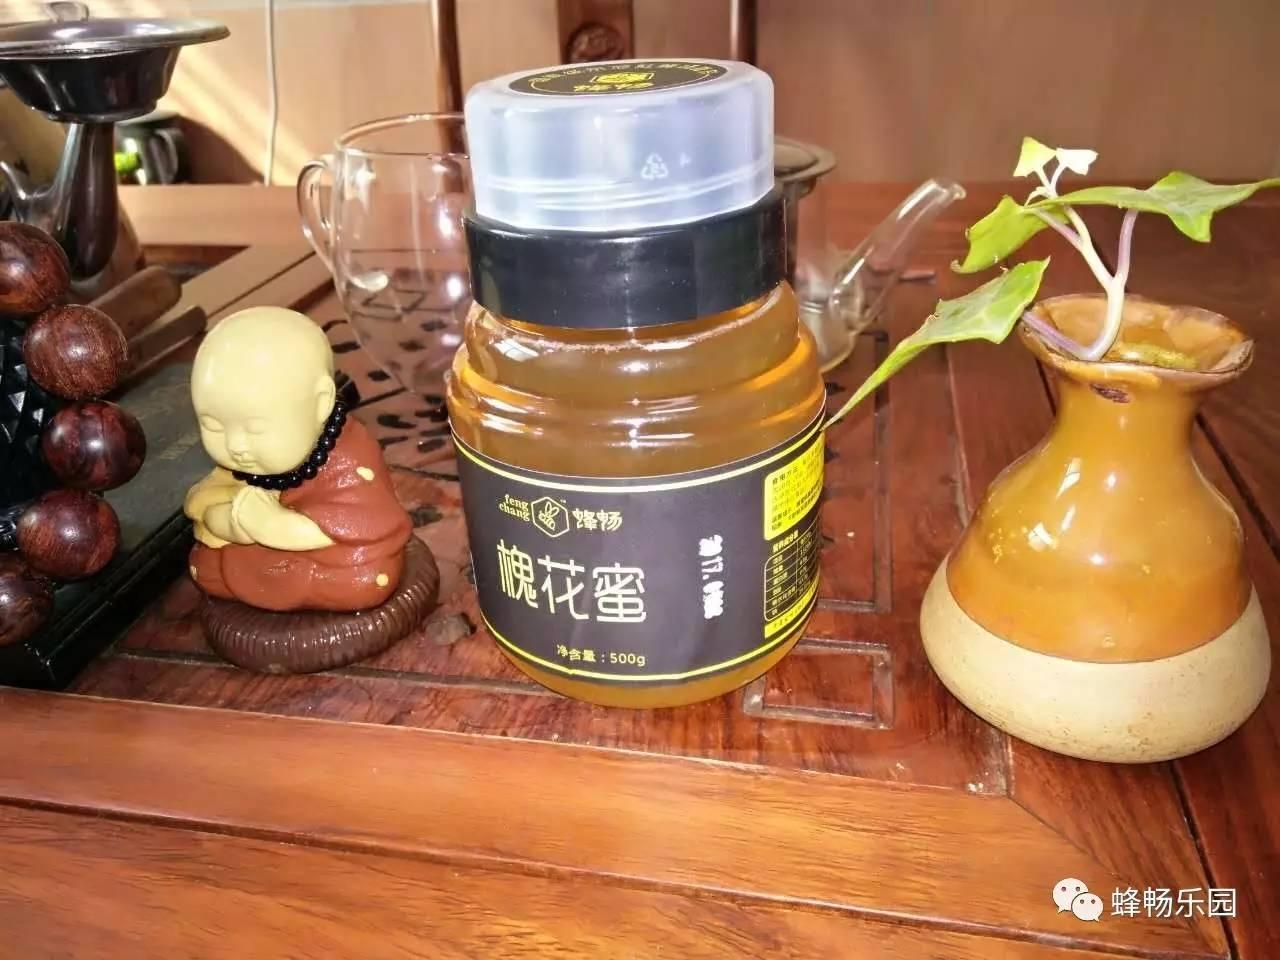 蜂蜜燕麦粥 养血 蜂蜜水果茶 临床表现 被注销